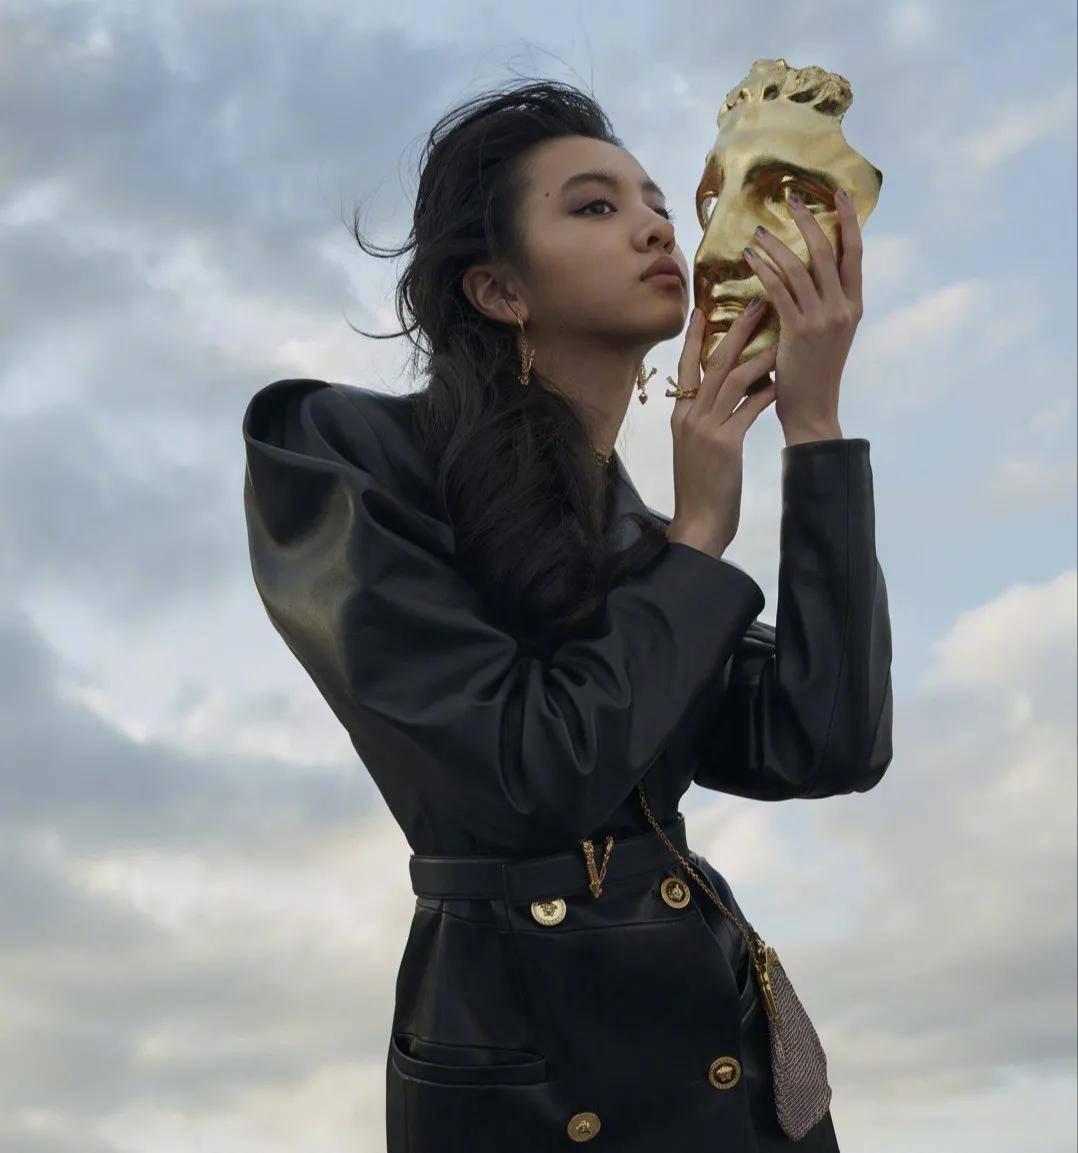 17岁木村光希:爸爸是木村拓哉,和易烊千玺拍过大片,和吴亦凡拍过MV  第11张